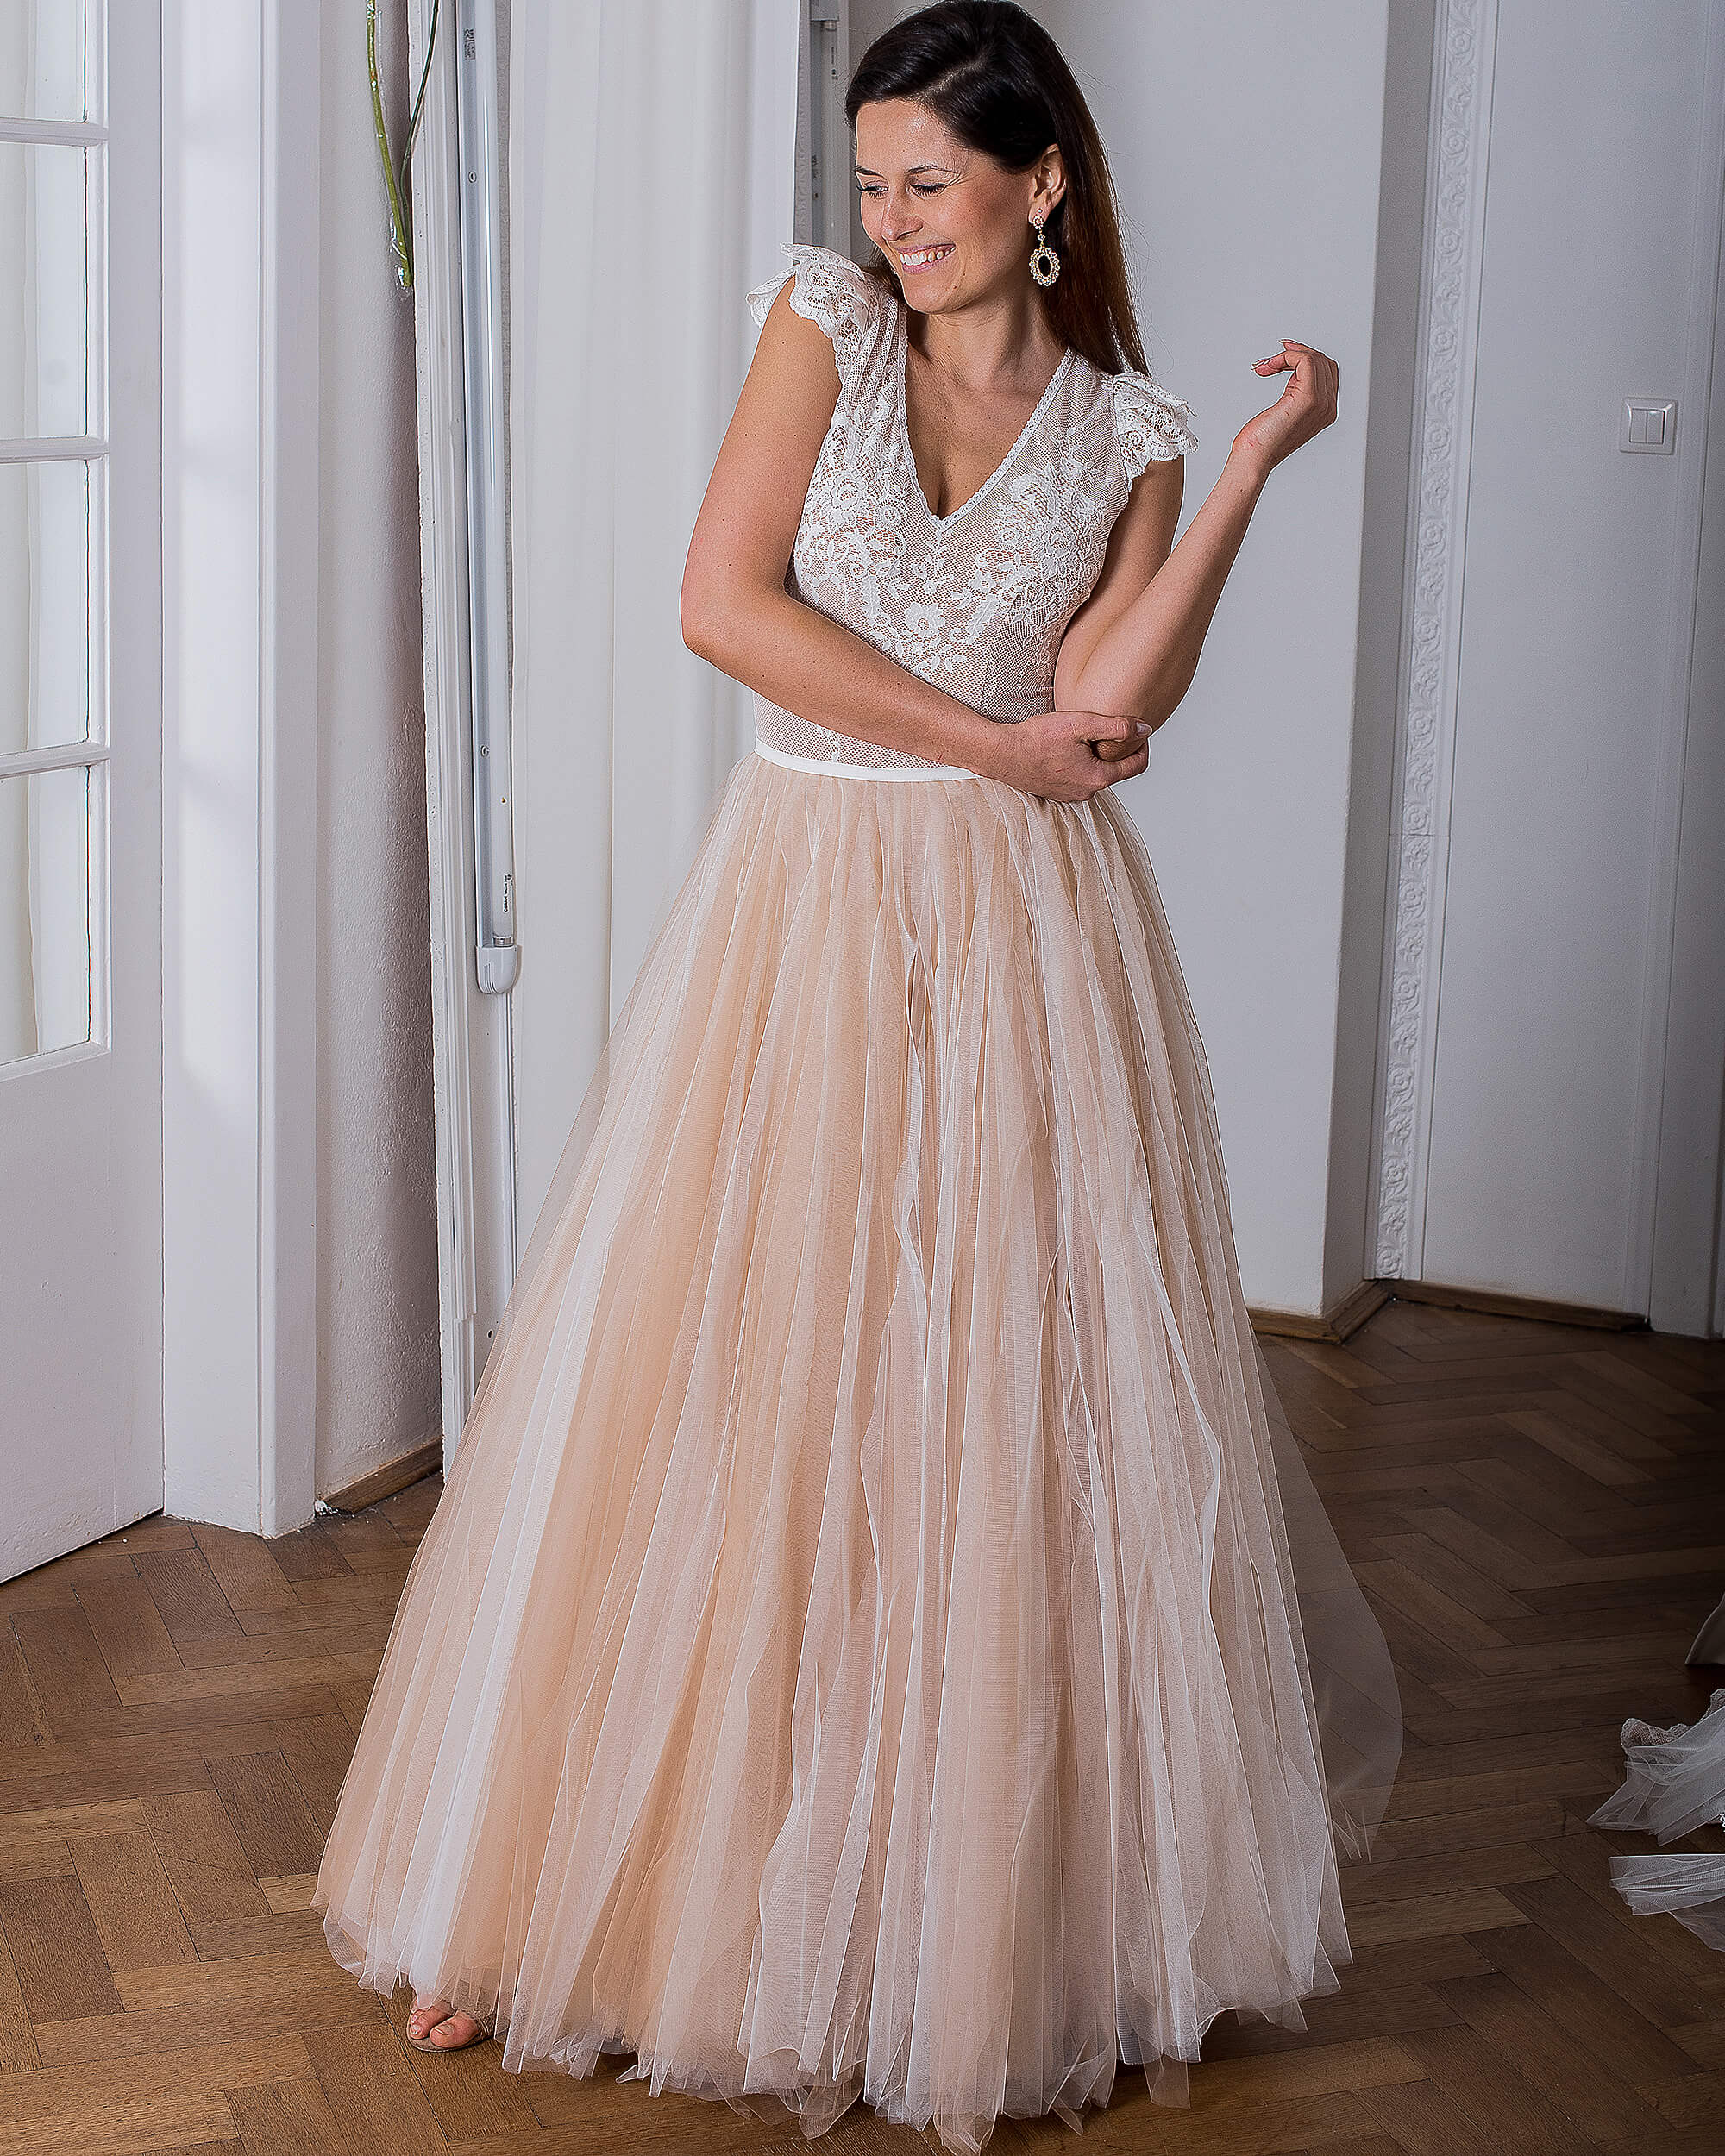 Koronkowy top i tiul - suknia ślubna model 25 kolekcja Porto